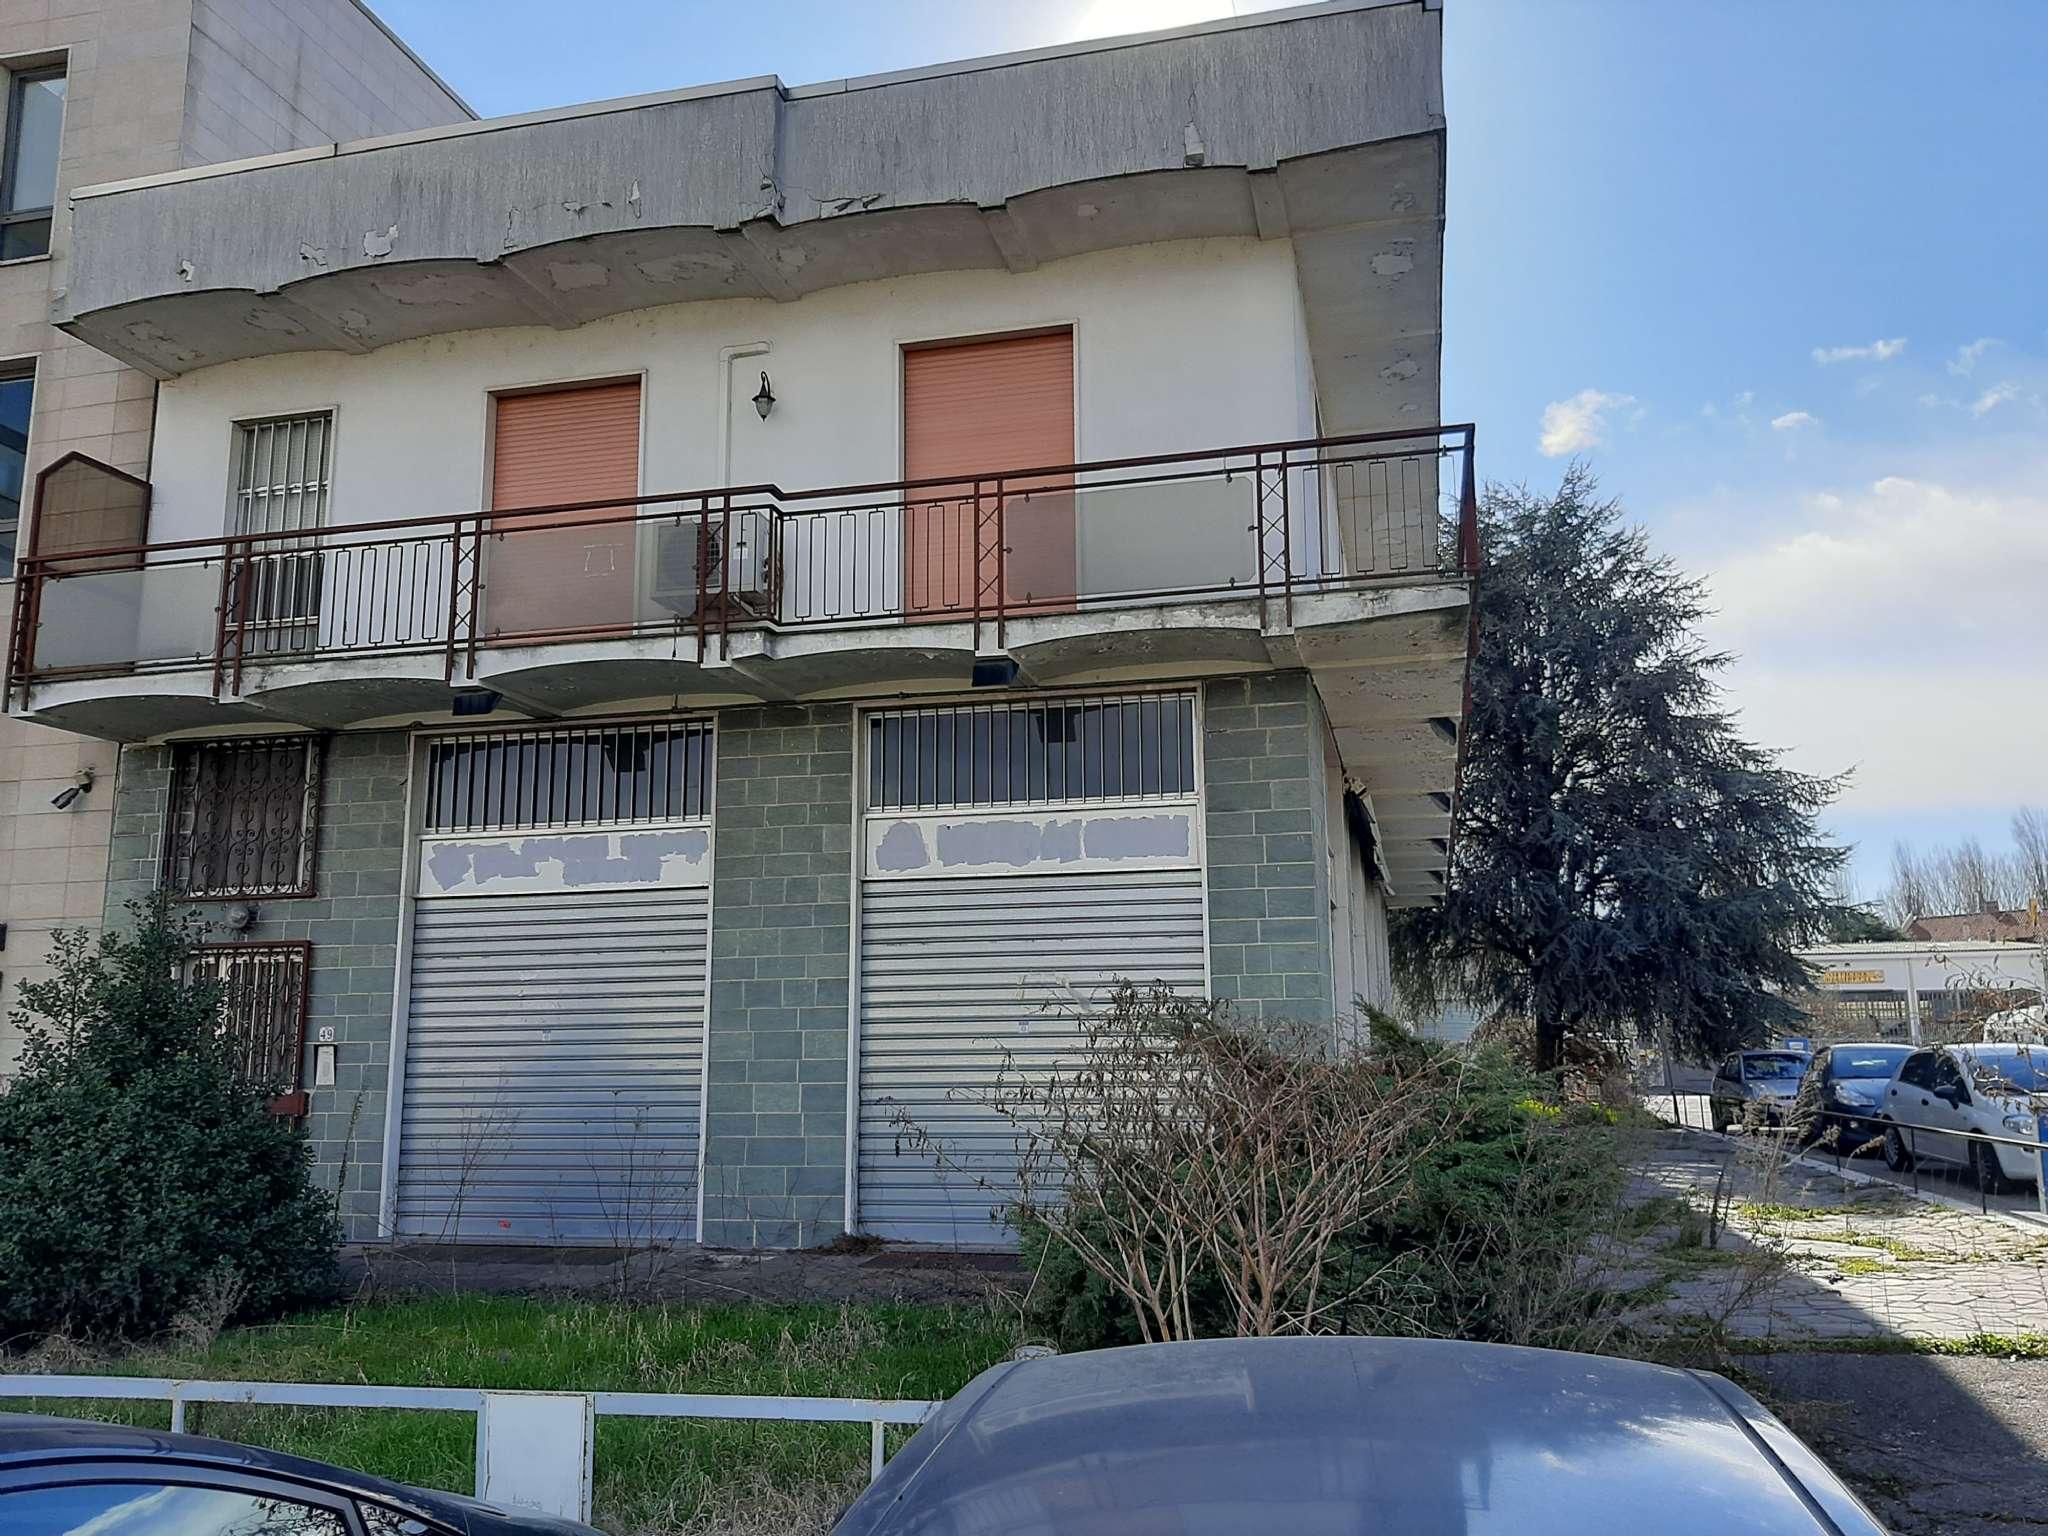 Immobile Commerciale in vendita a Bareggio, 5 locali, prezzo € 390.000   PortaleAgenzieImmobiliari.it